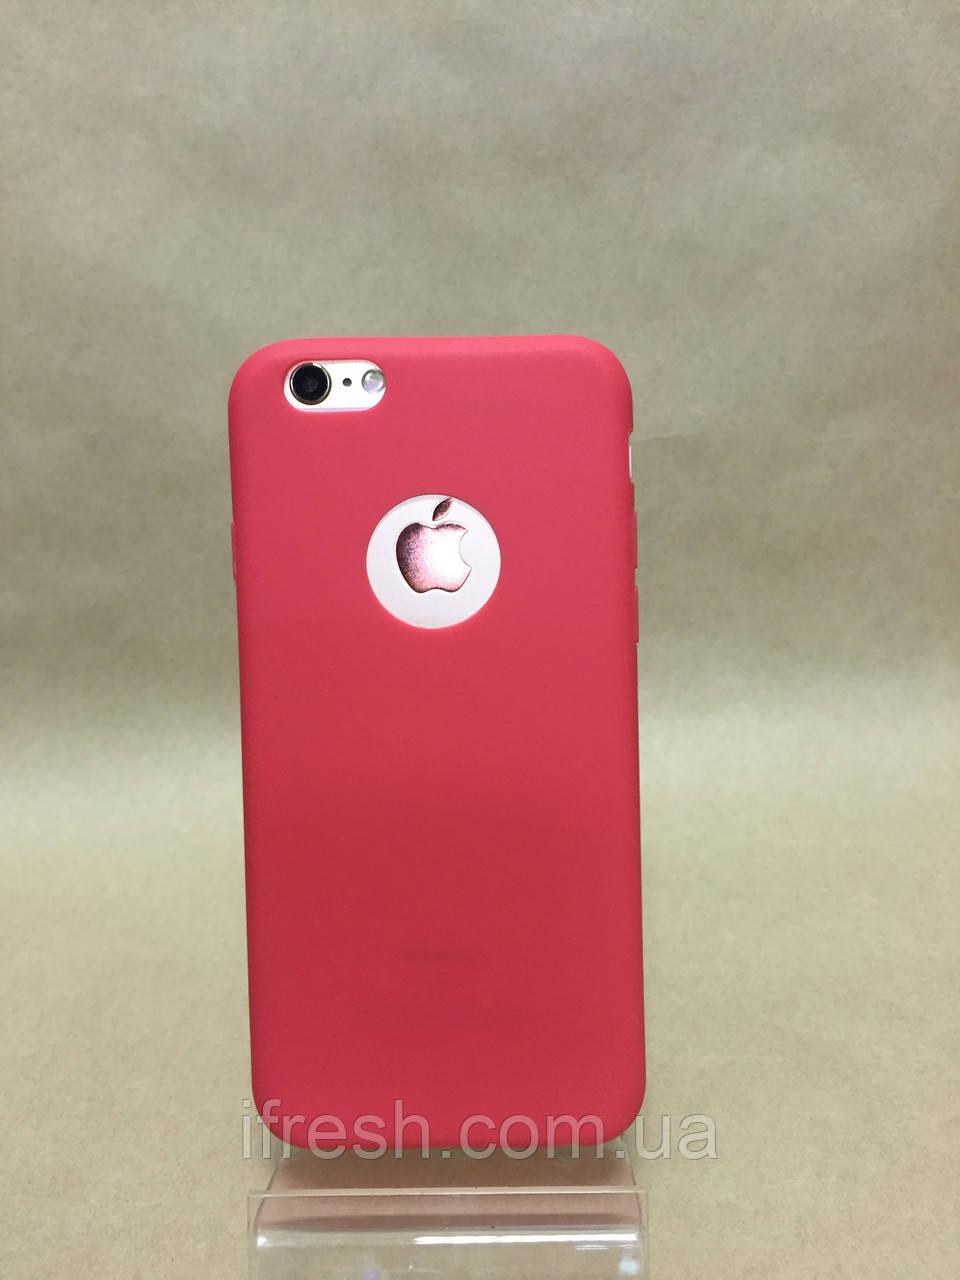 Чехол силиконовый Soft Touch для iPhone 5/5s, коралловый